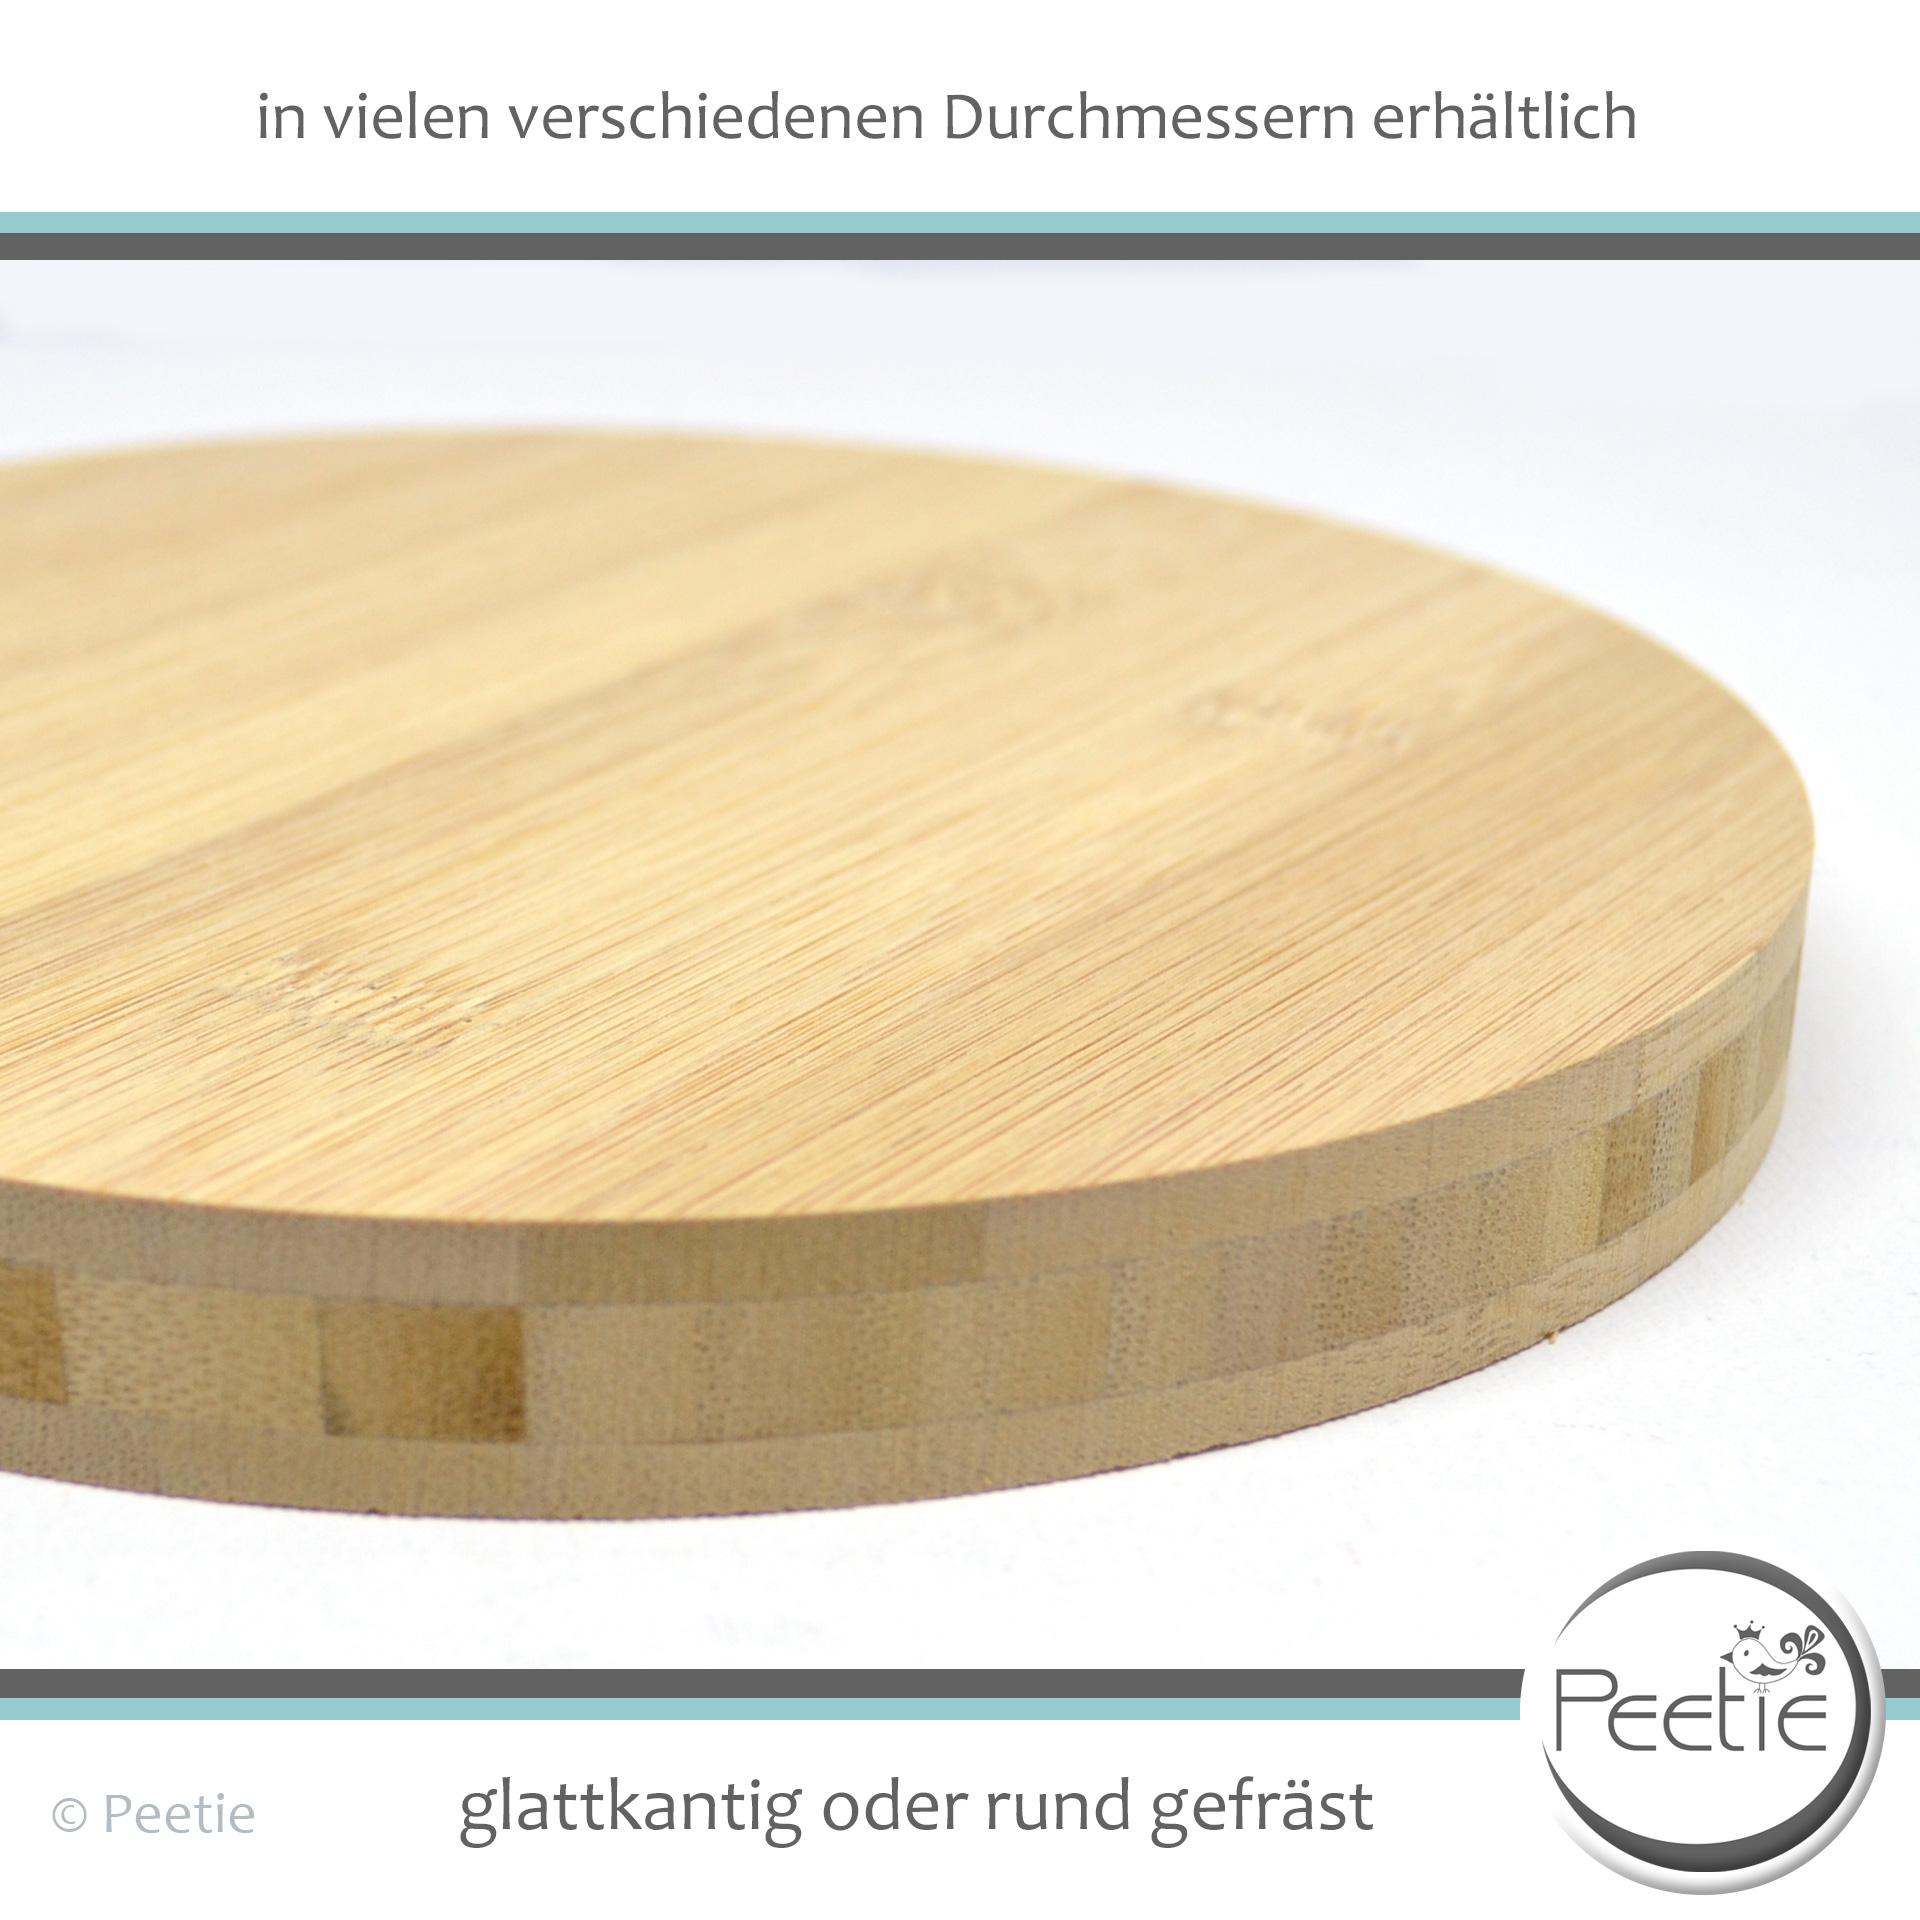 Peetie Holzdesign 1x Holzscheibe Bambus Leimholz 18 Mm Naturbelassen Unbehandelt Glatt